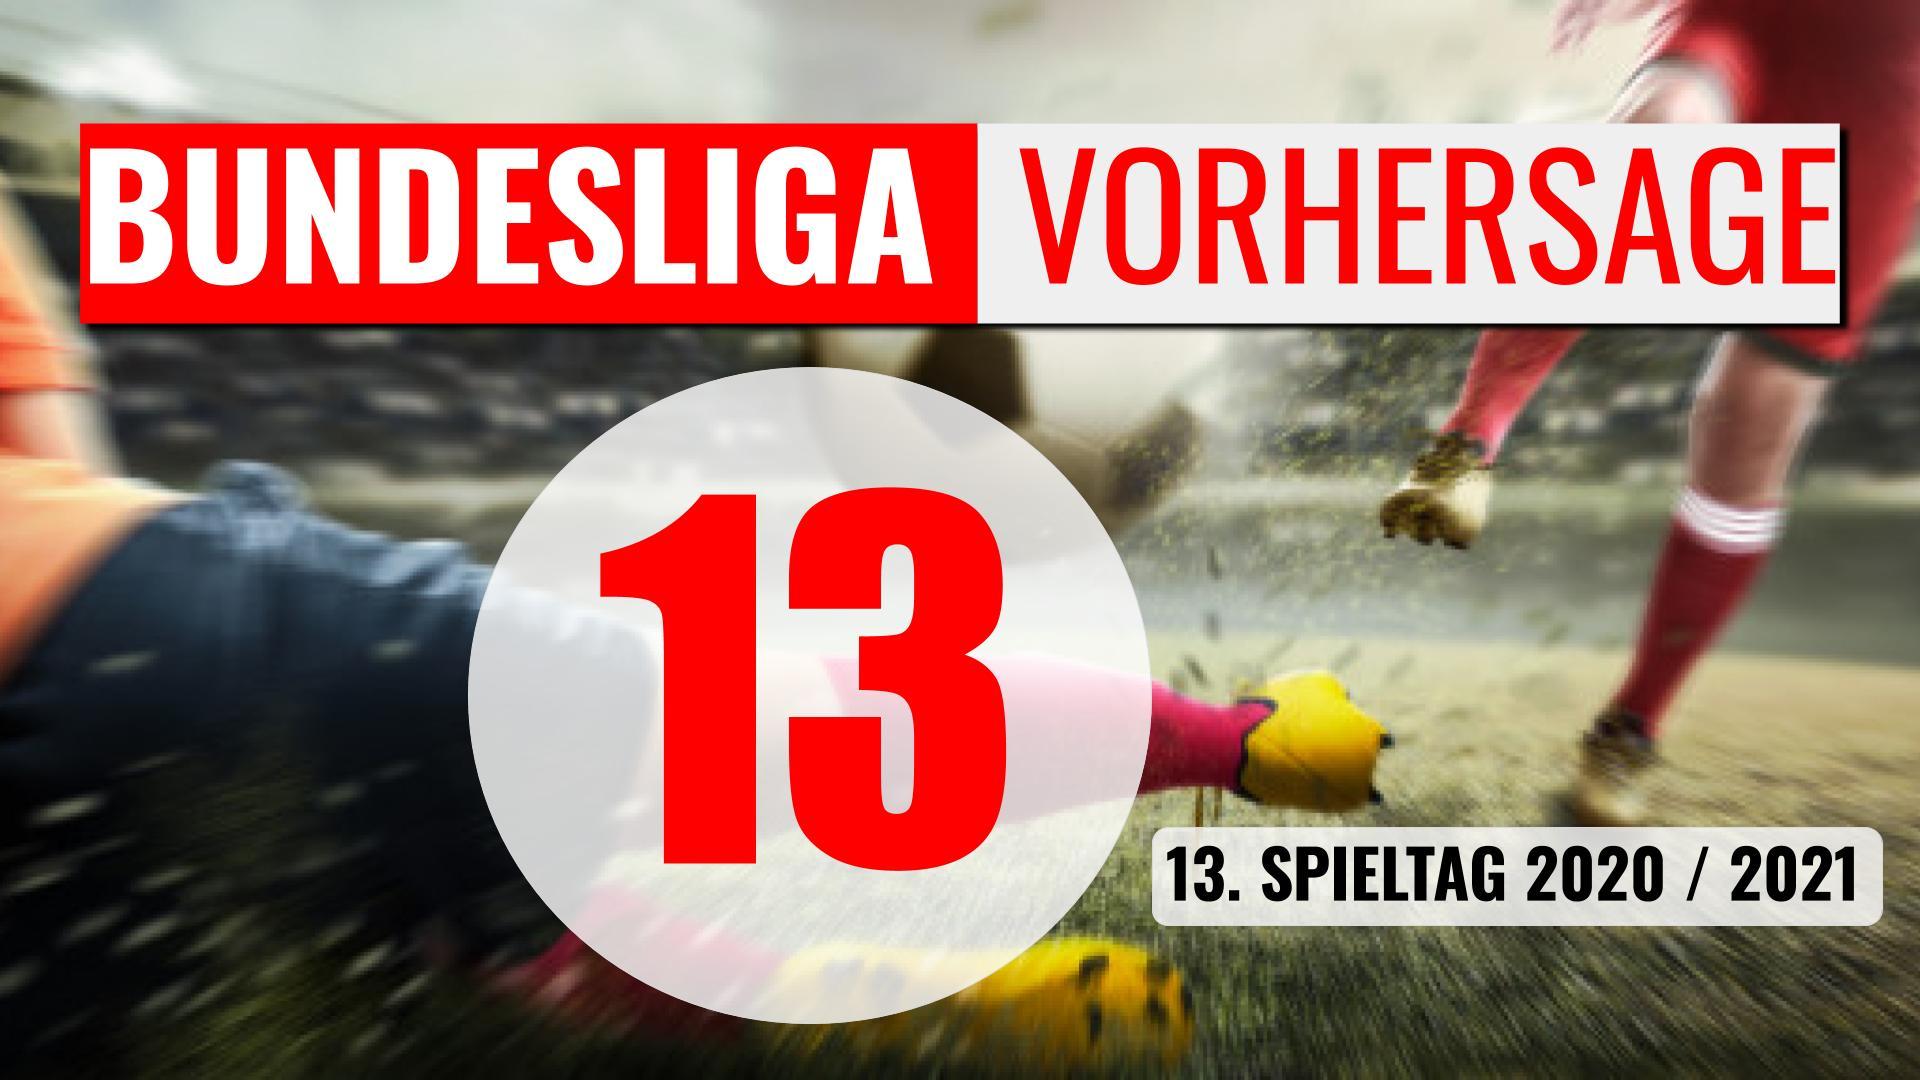 Bundesliga Vorhersage – Tipps zum 13. Spieltag 2020 / 2021